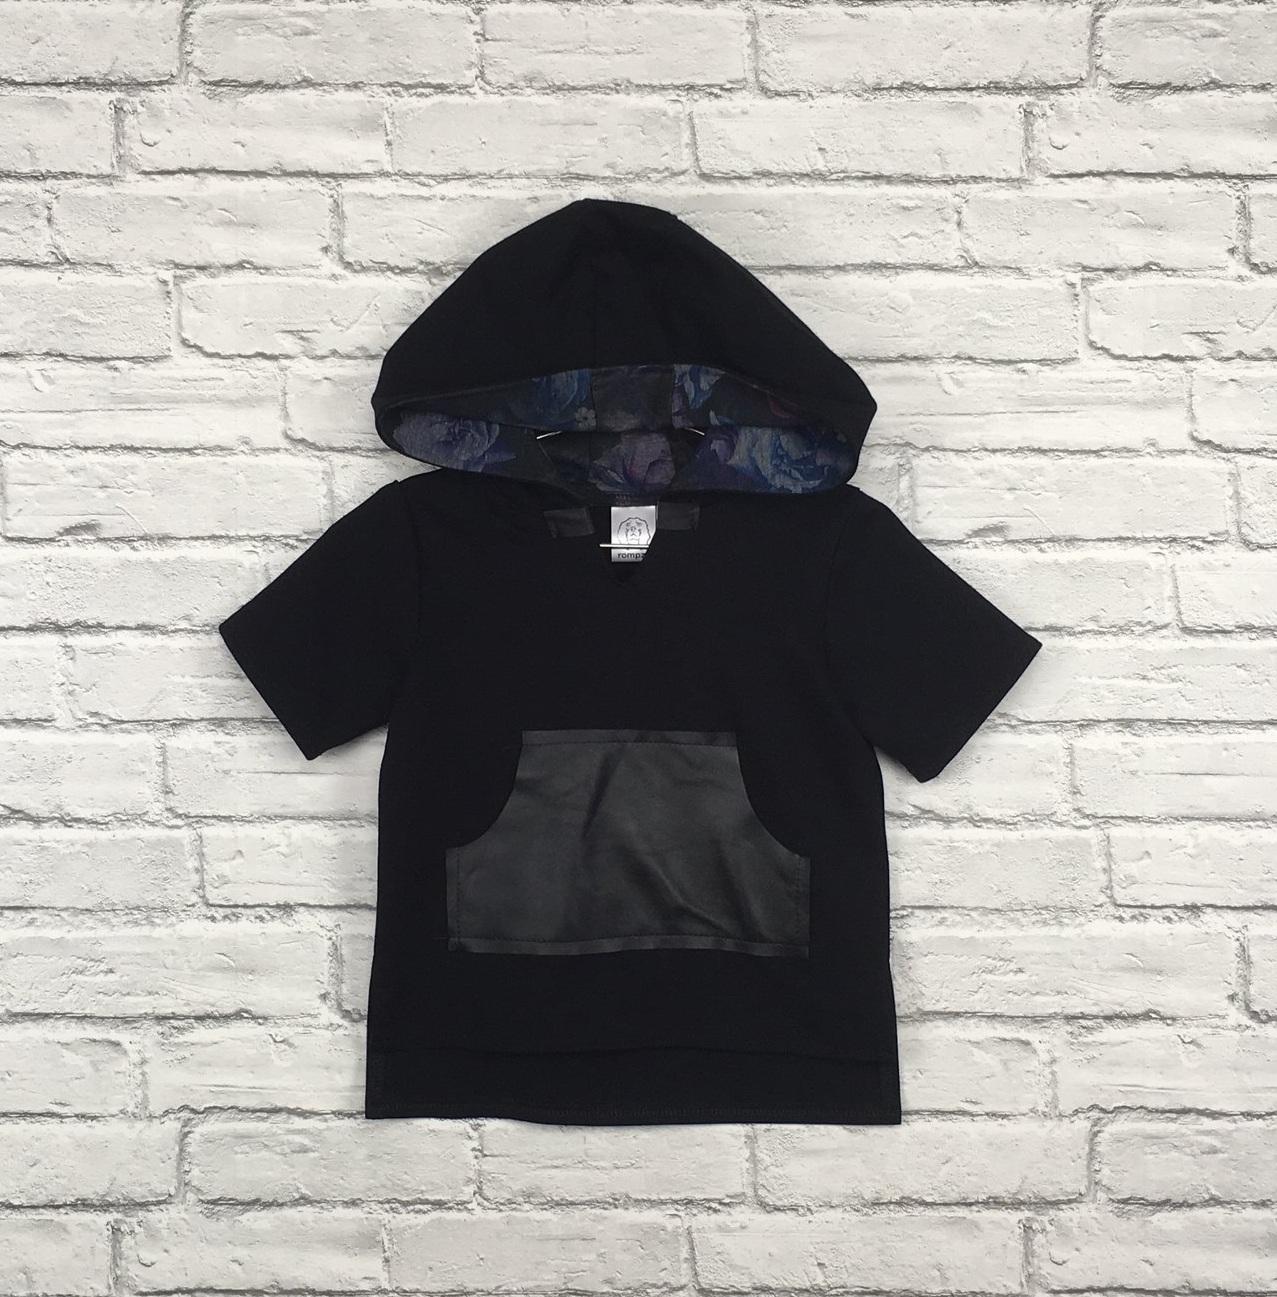 hoodie+black+inside+hood.jpg